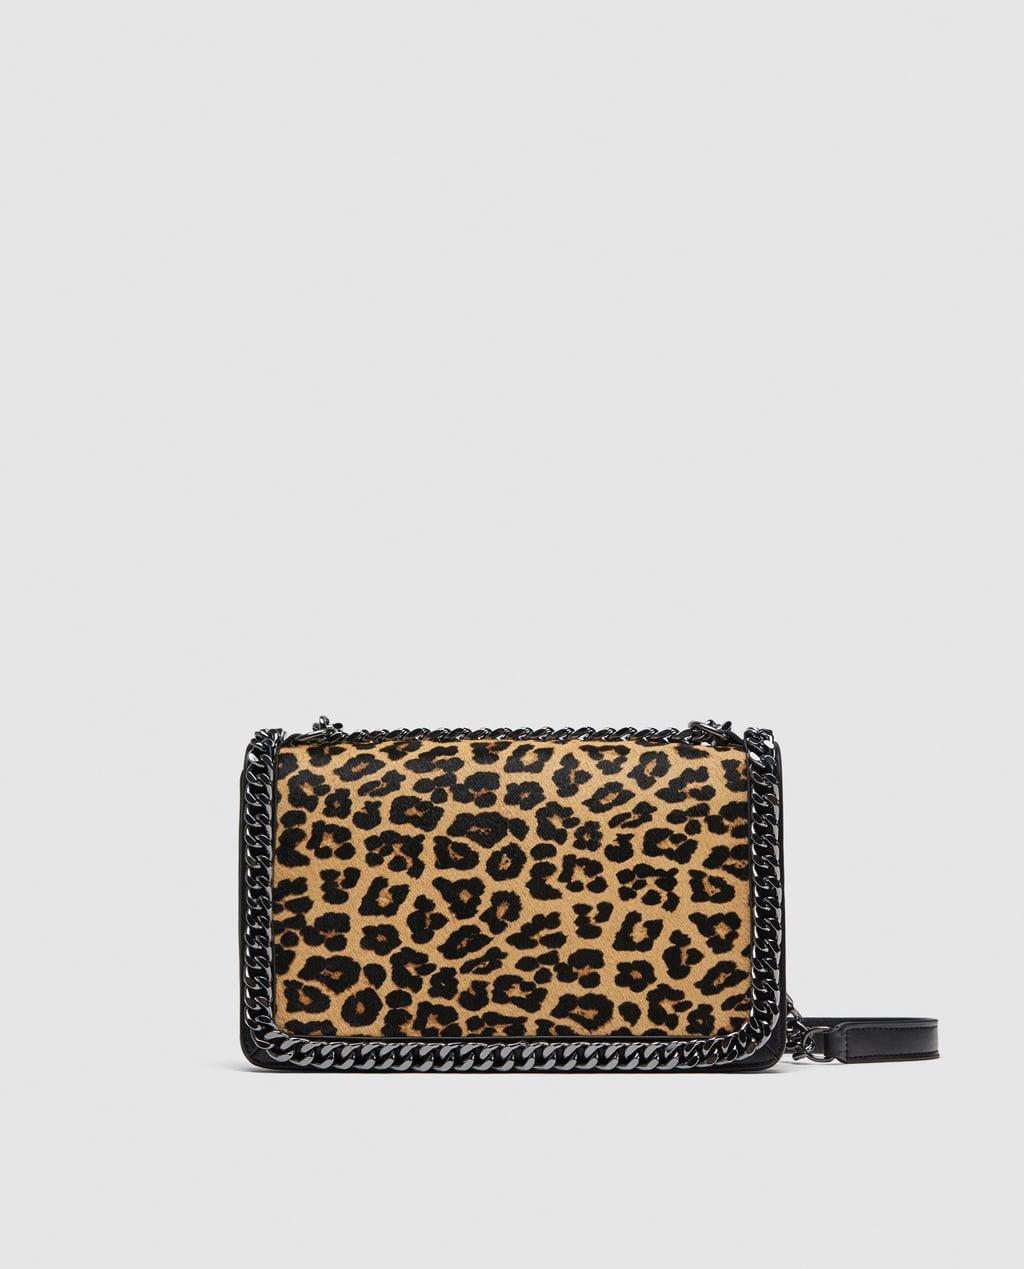 S Or Slob Lanvin Leopard Dd Frame Bag